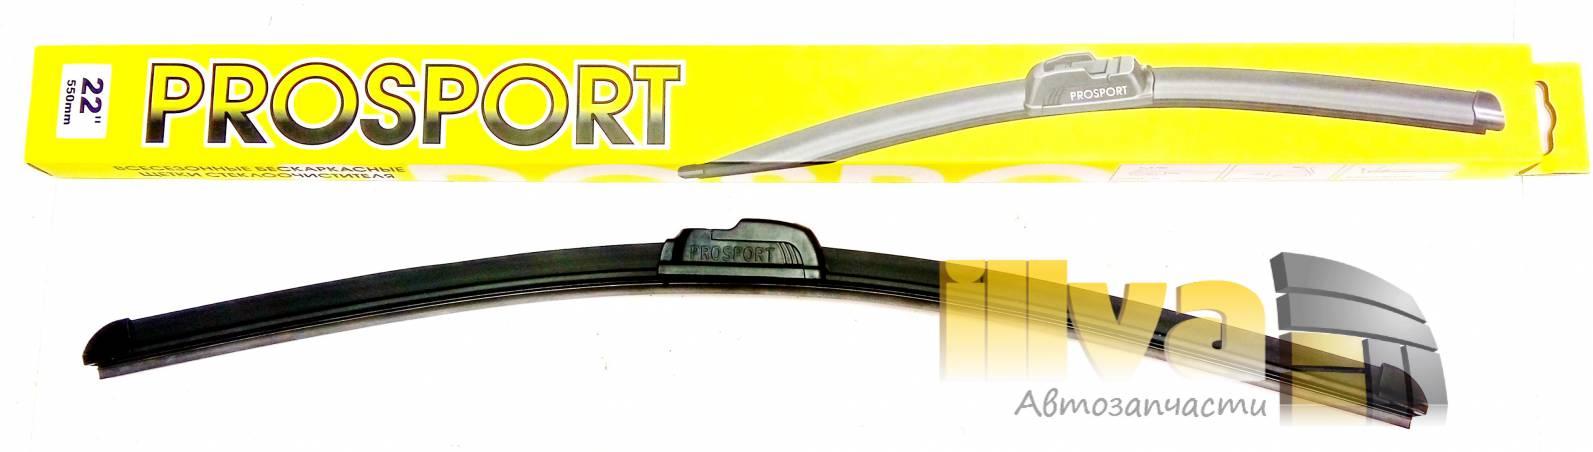 Щетка стеклоочистителя бескаркасные, ProSport (ПроСпорт) 55 см - 22